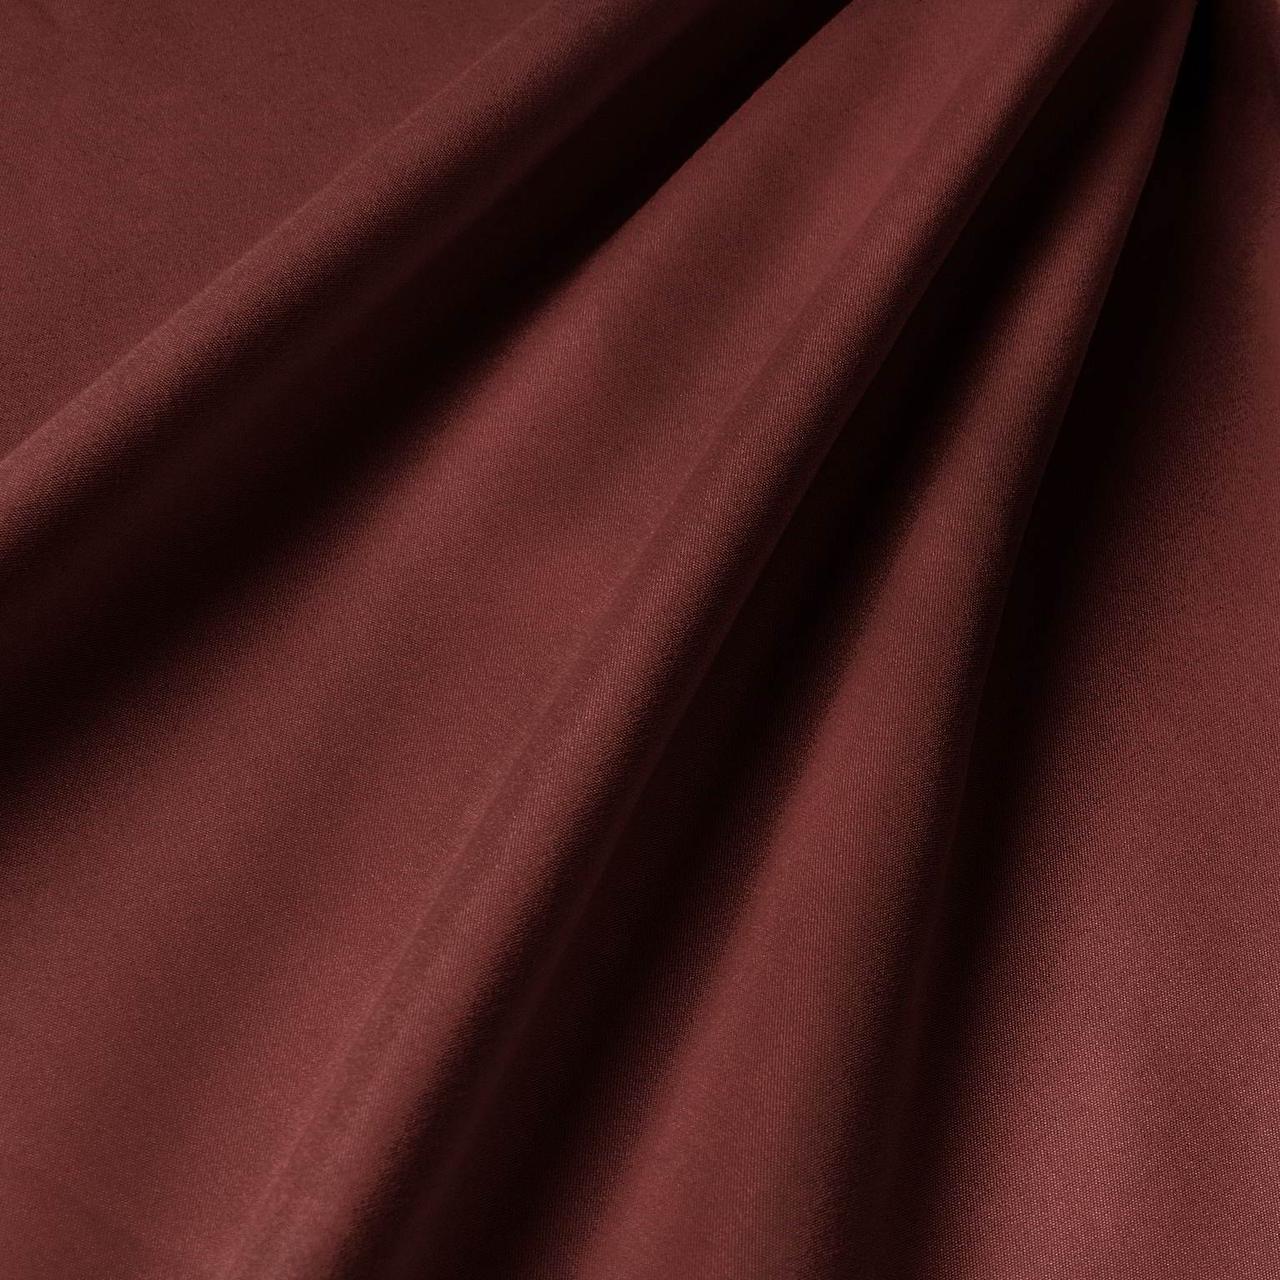 Подкладочная ткань с матовой фактурой (Испания) 400317v19